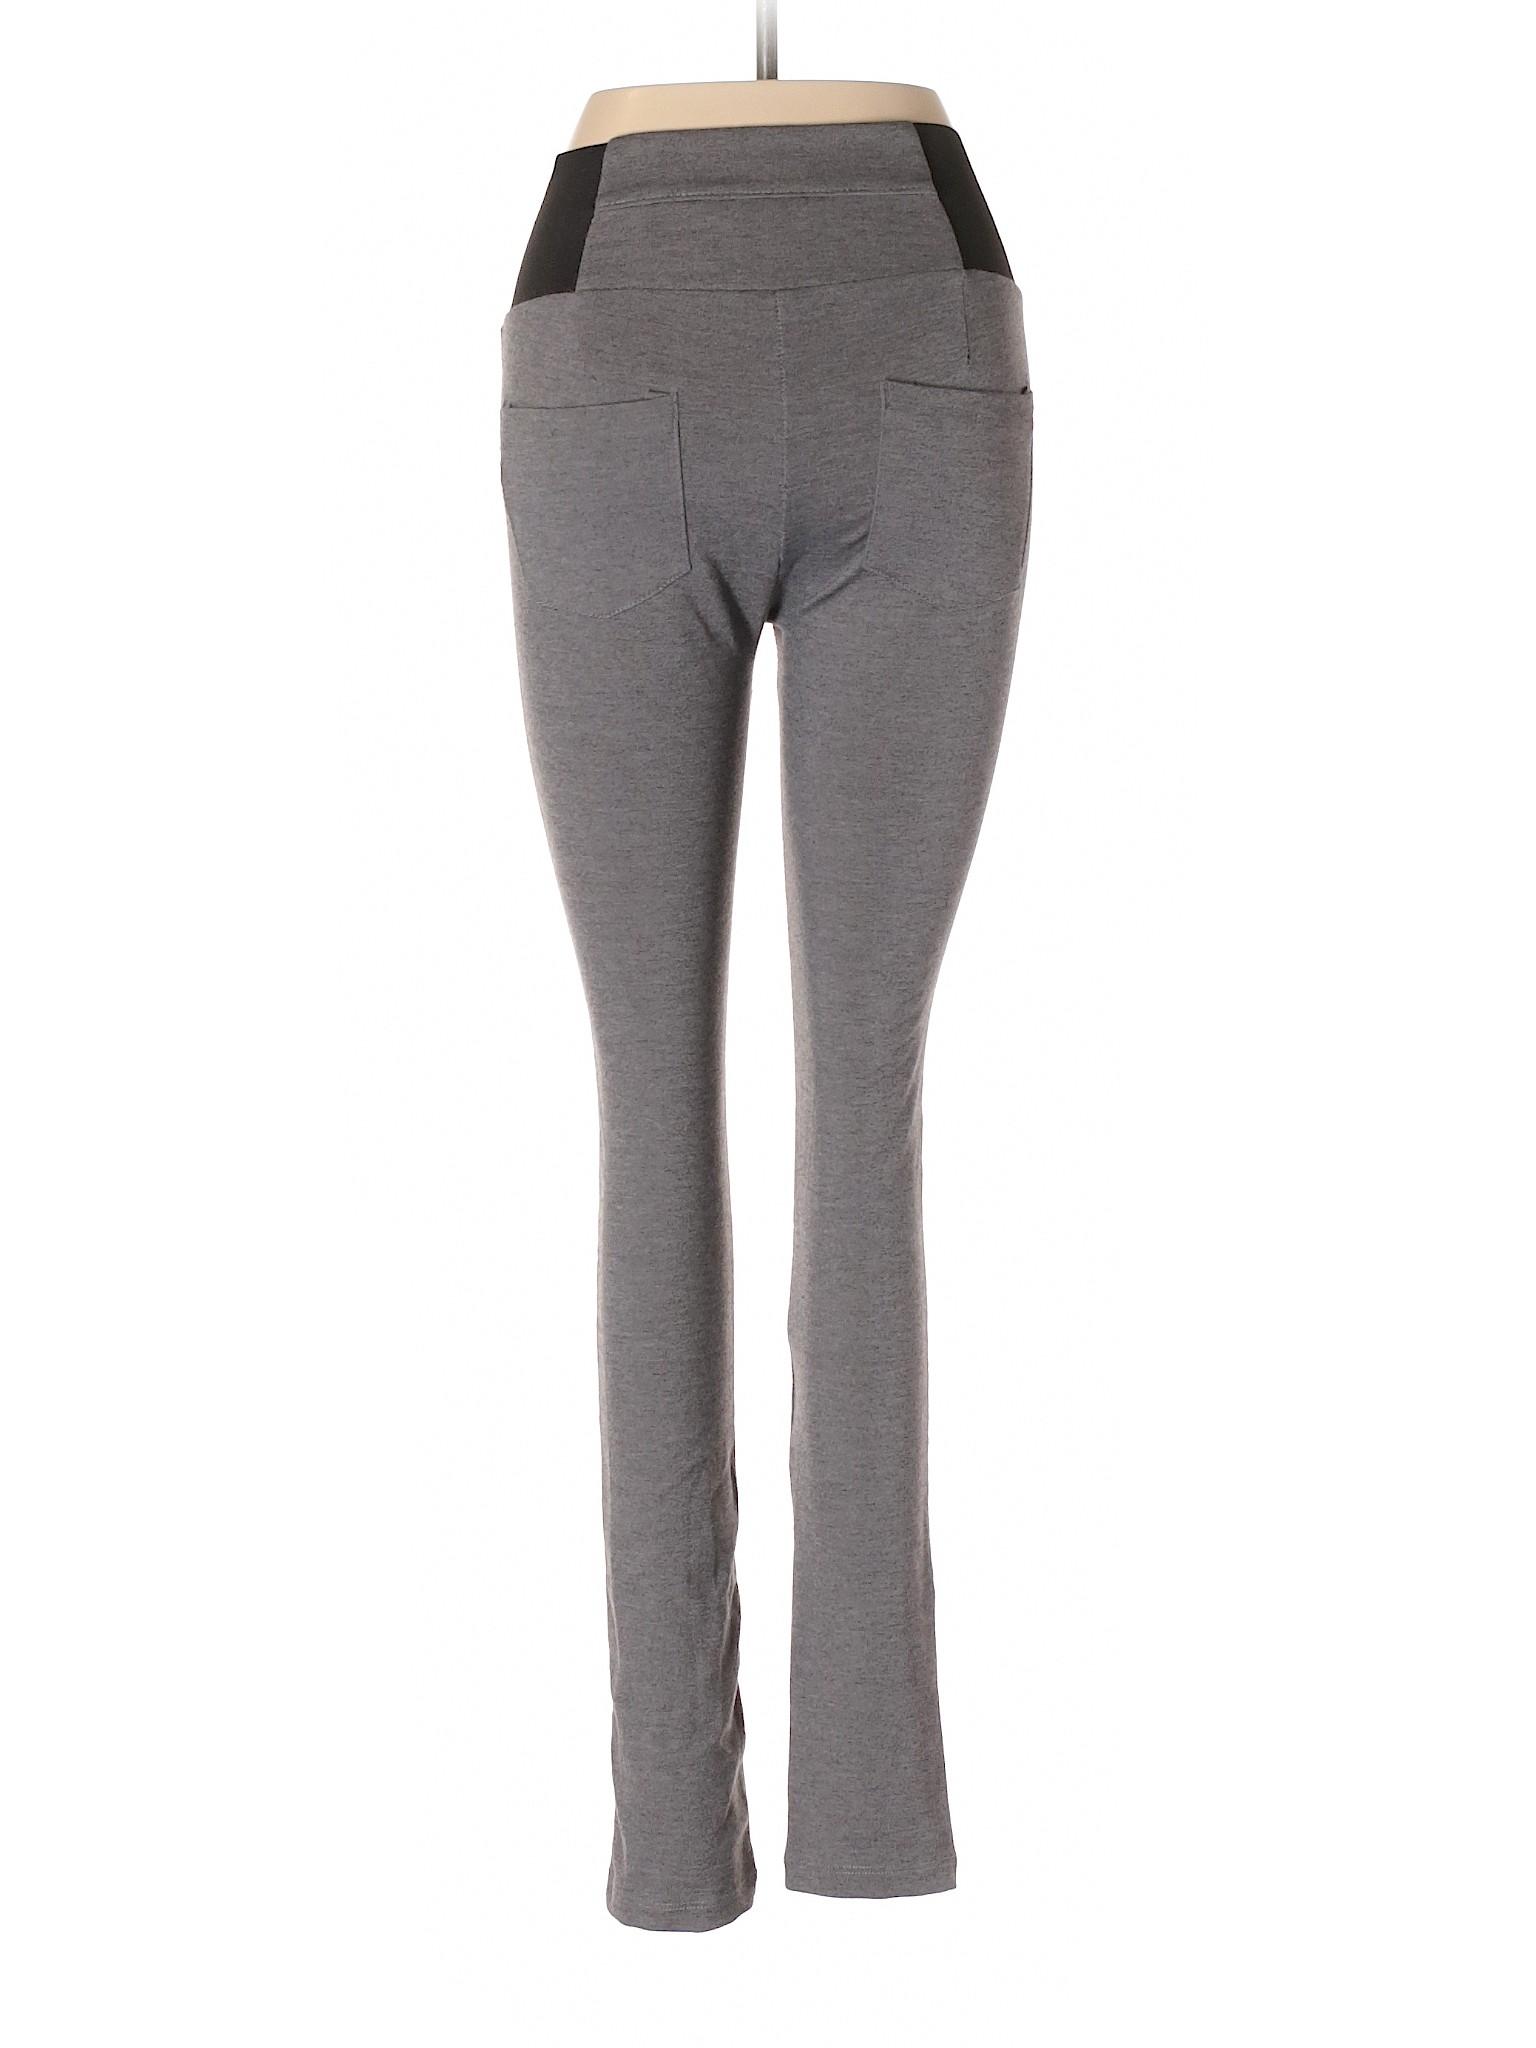 Sono Dress Pants Ci Boutique leisure vOwBPP